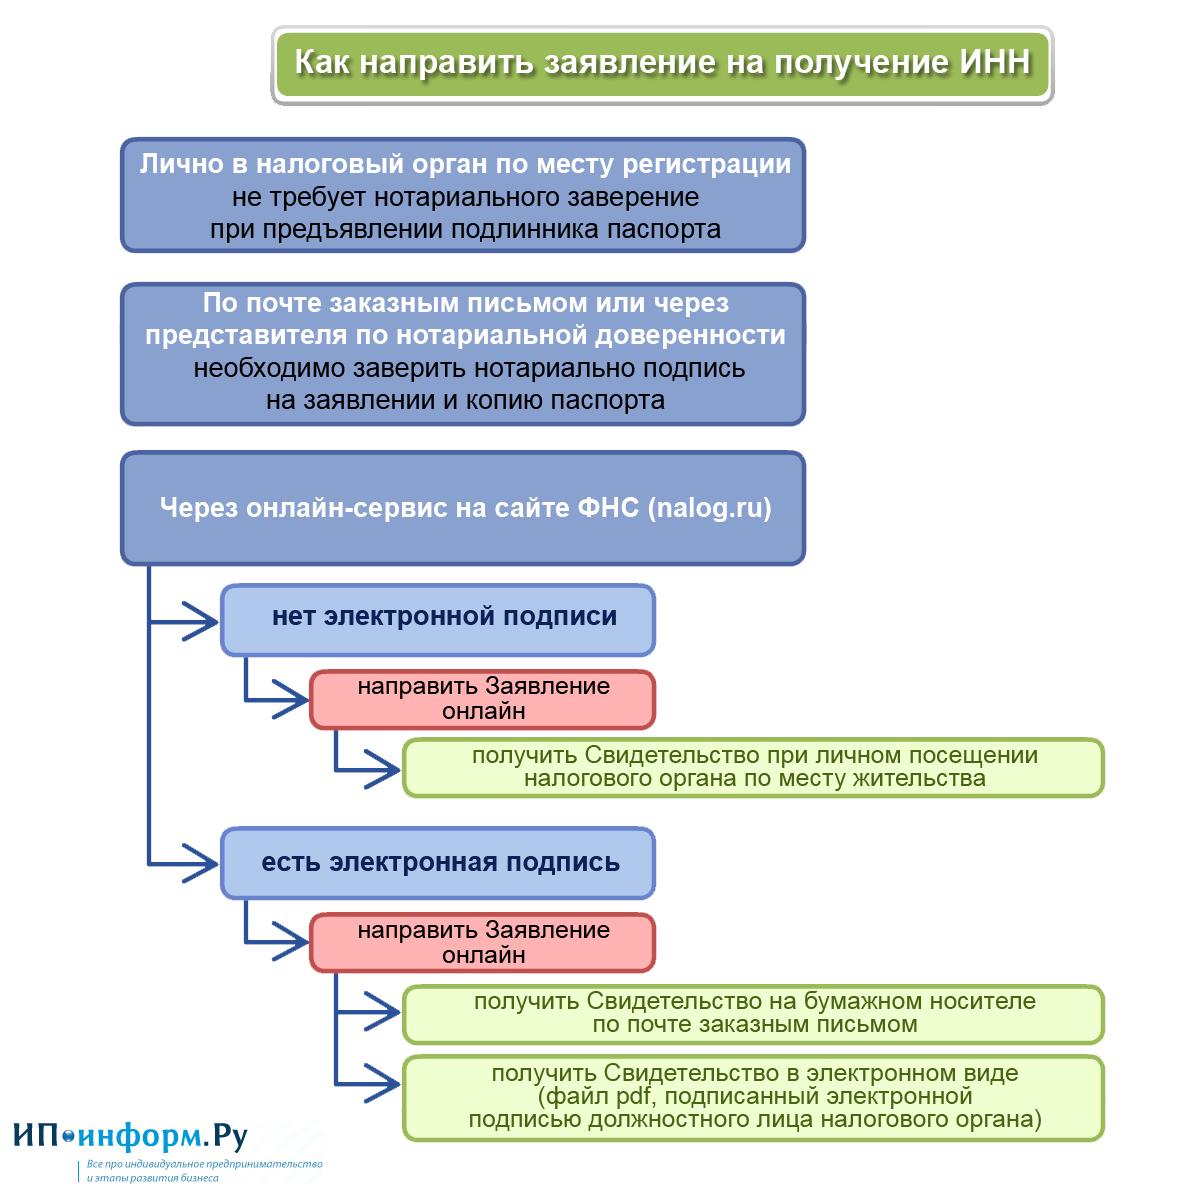 Как получить ИНН - схема